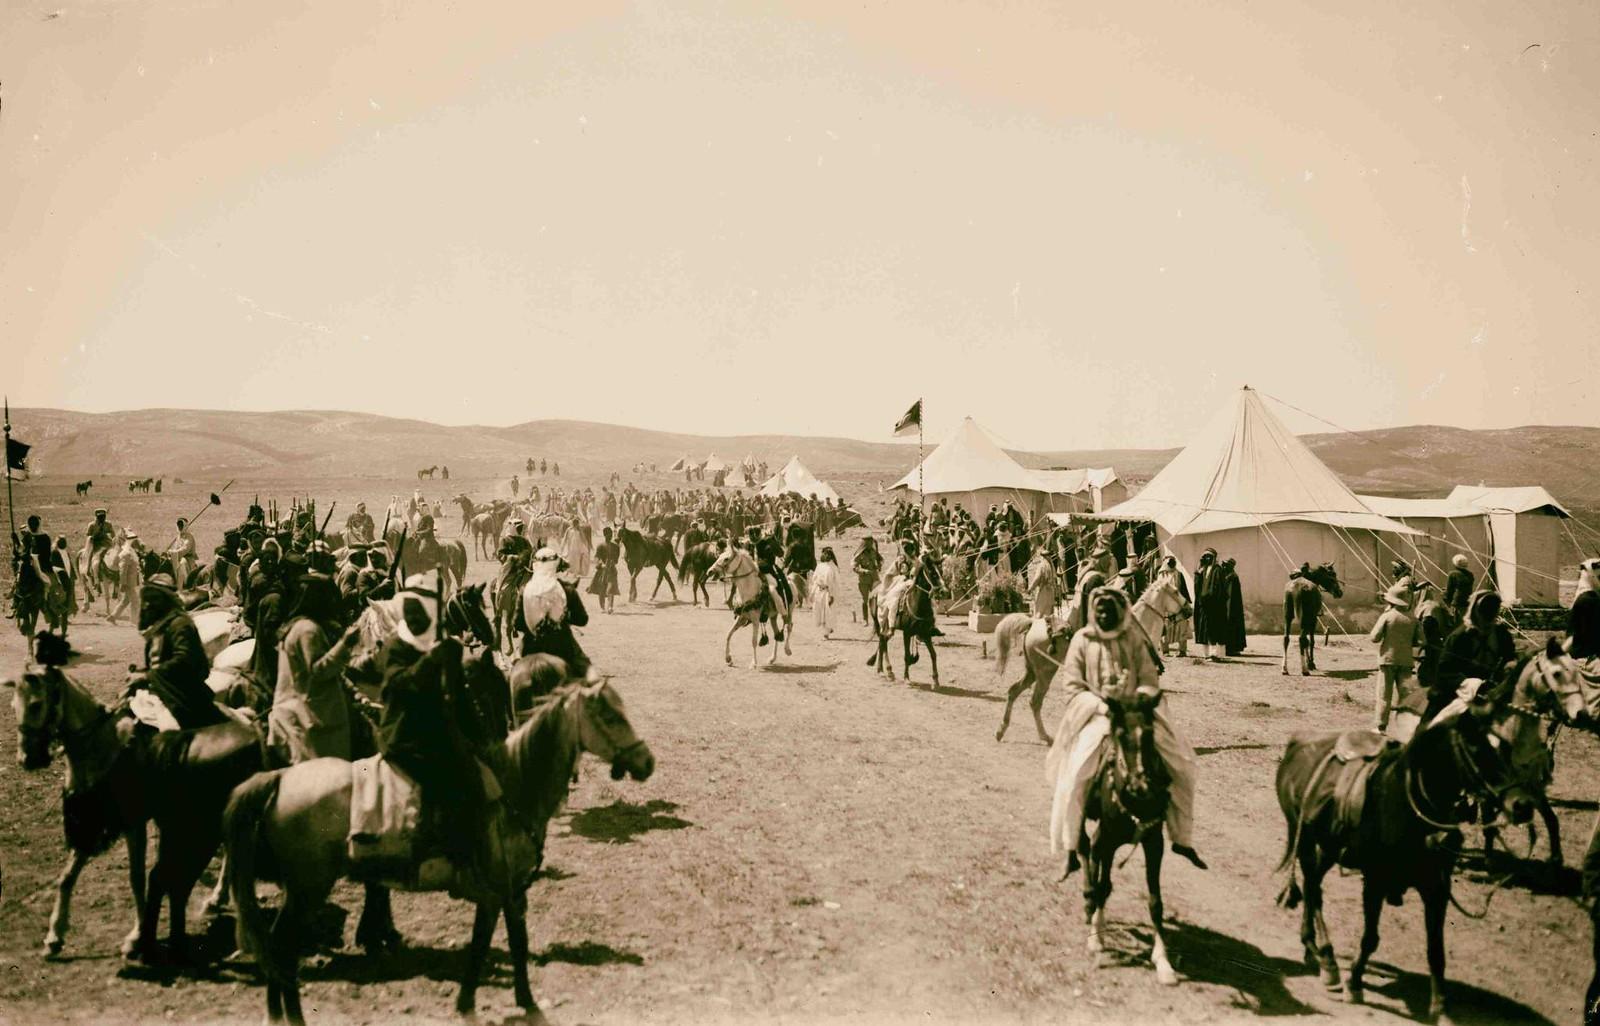 02. Лагерь эмира Абдаллы